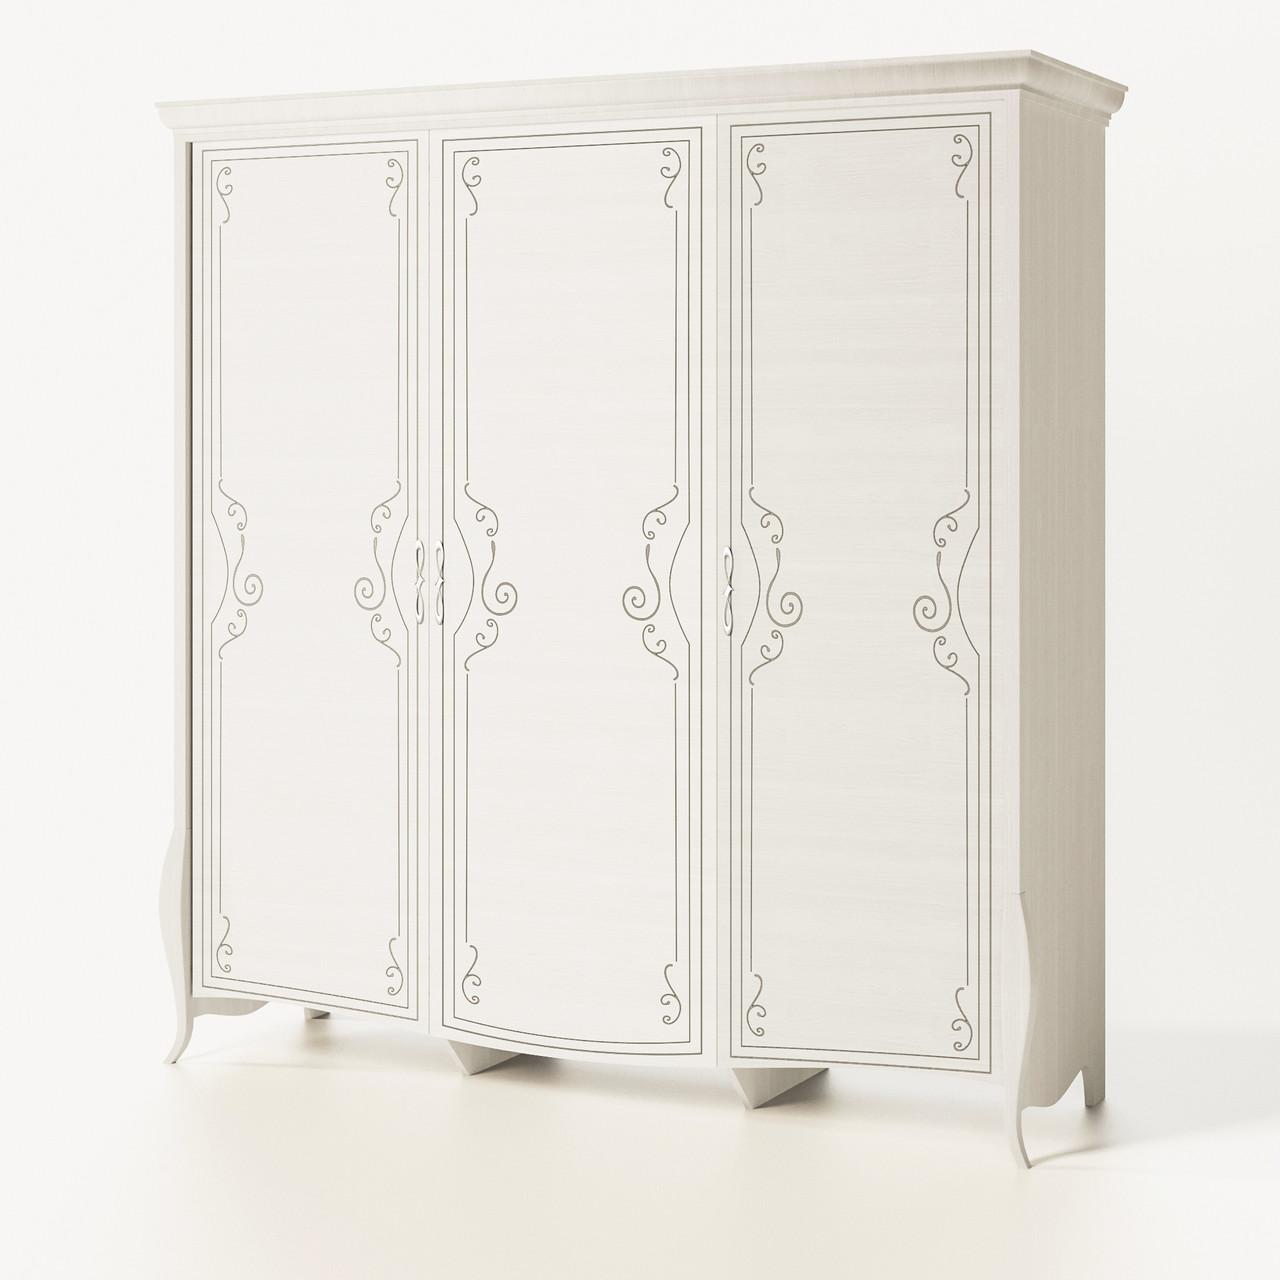 Шкаф распашной из ДСП Тереза 3Д Ясень белый Світ меблів